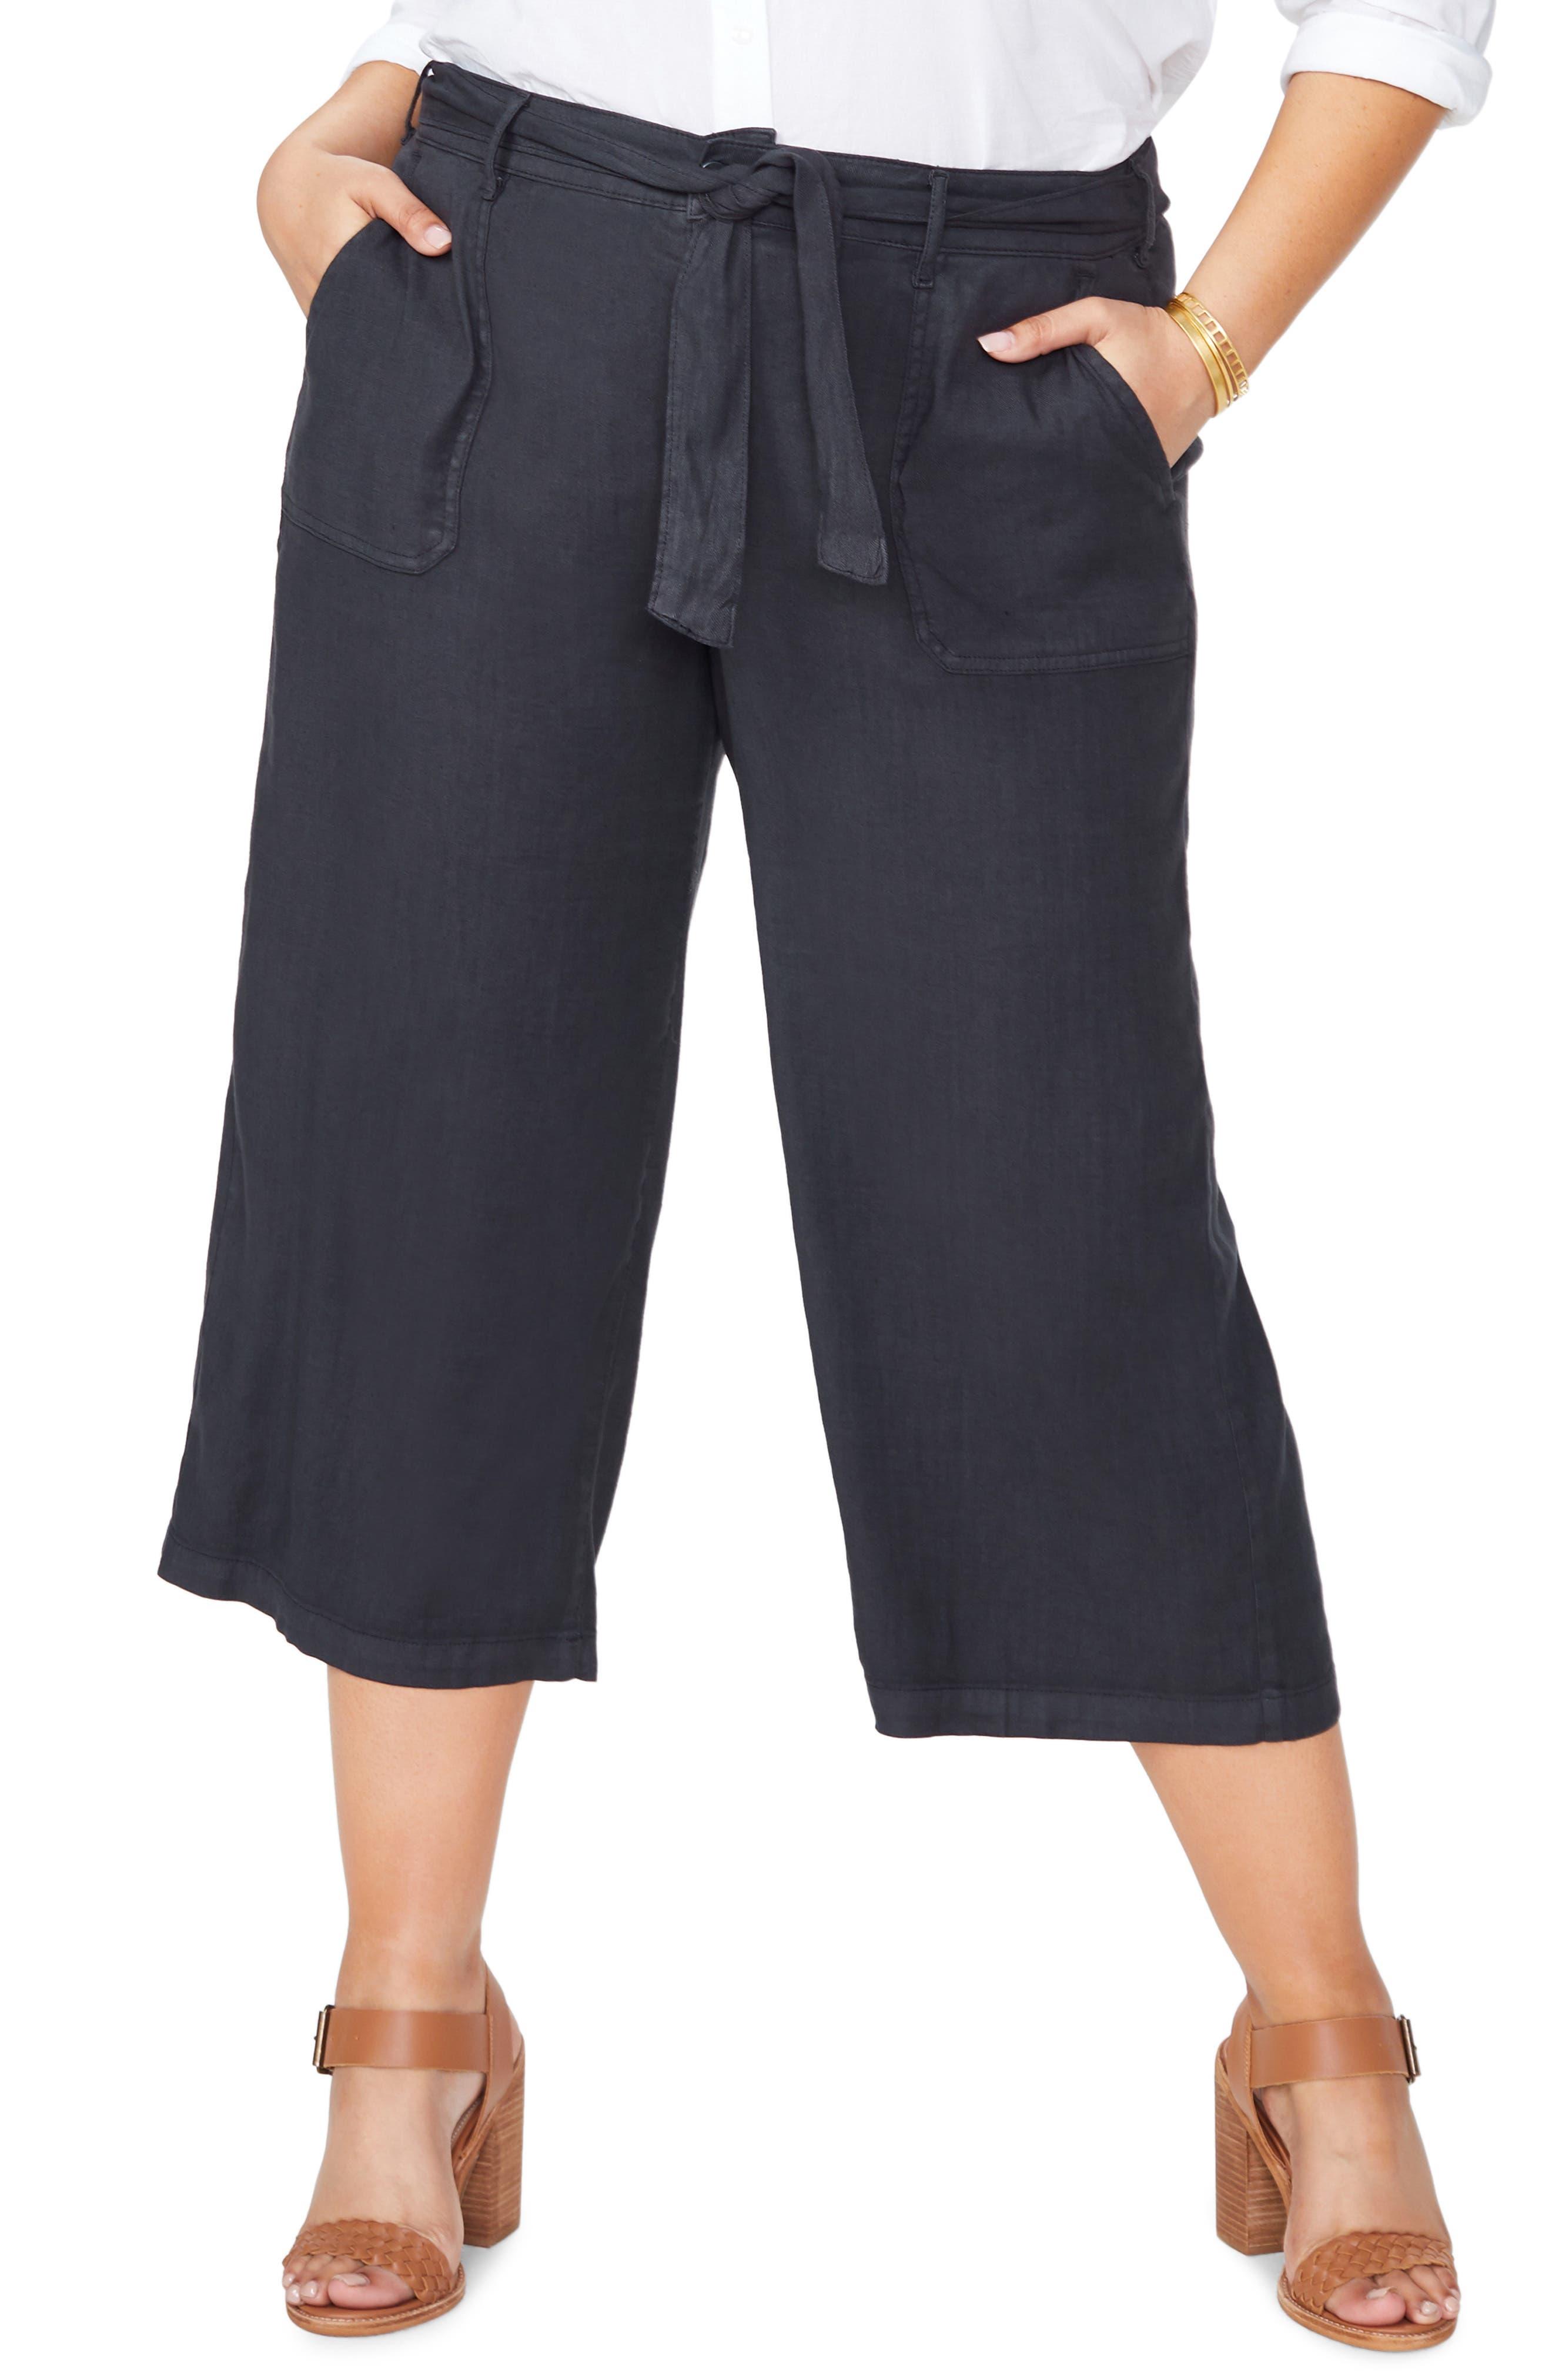 Plus Size Nydj Fashion Cargo Capri Pants, Black